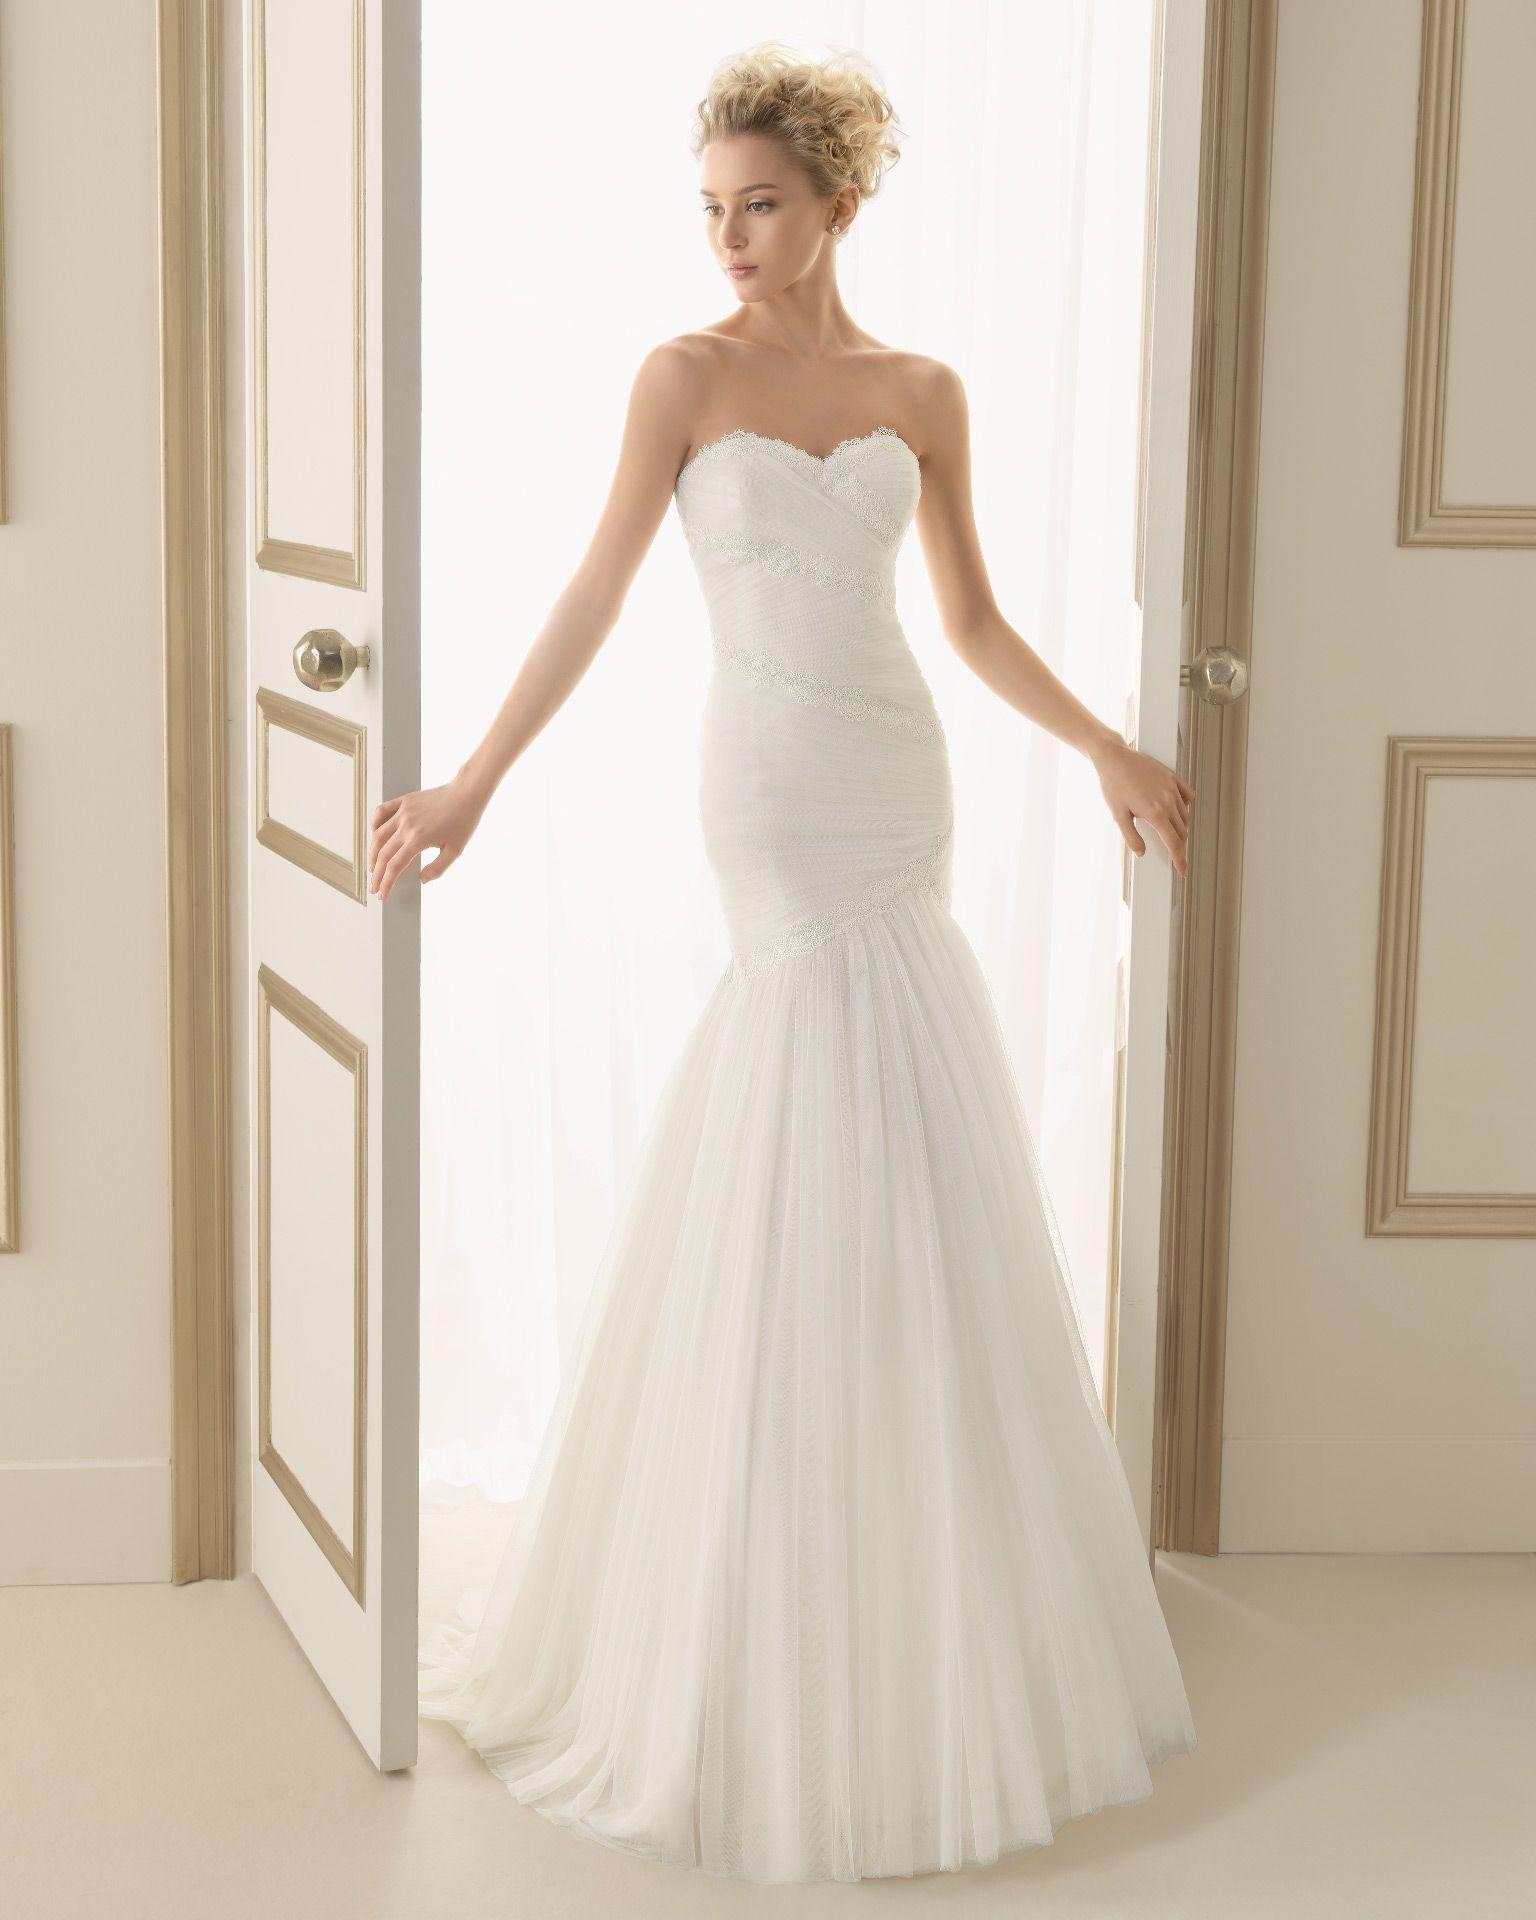 Best wedding dresses for full bust   ELISA  Wedding Dresses   Collection  Luna Novias